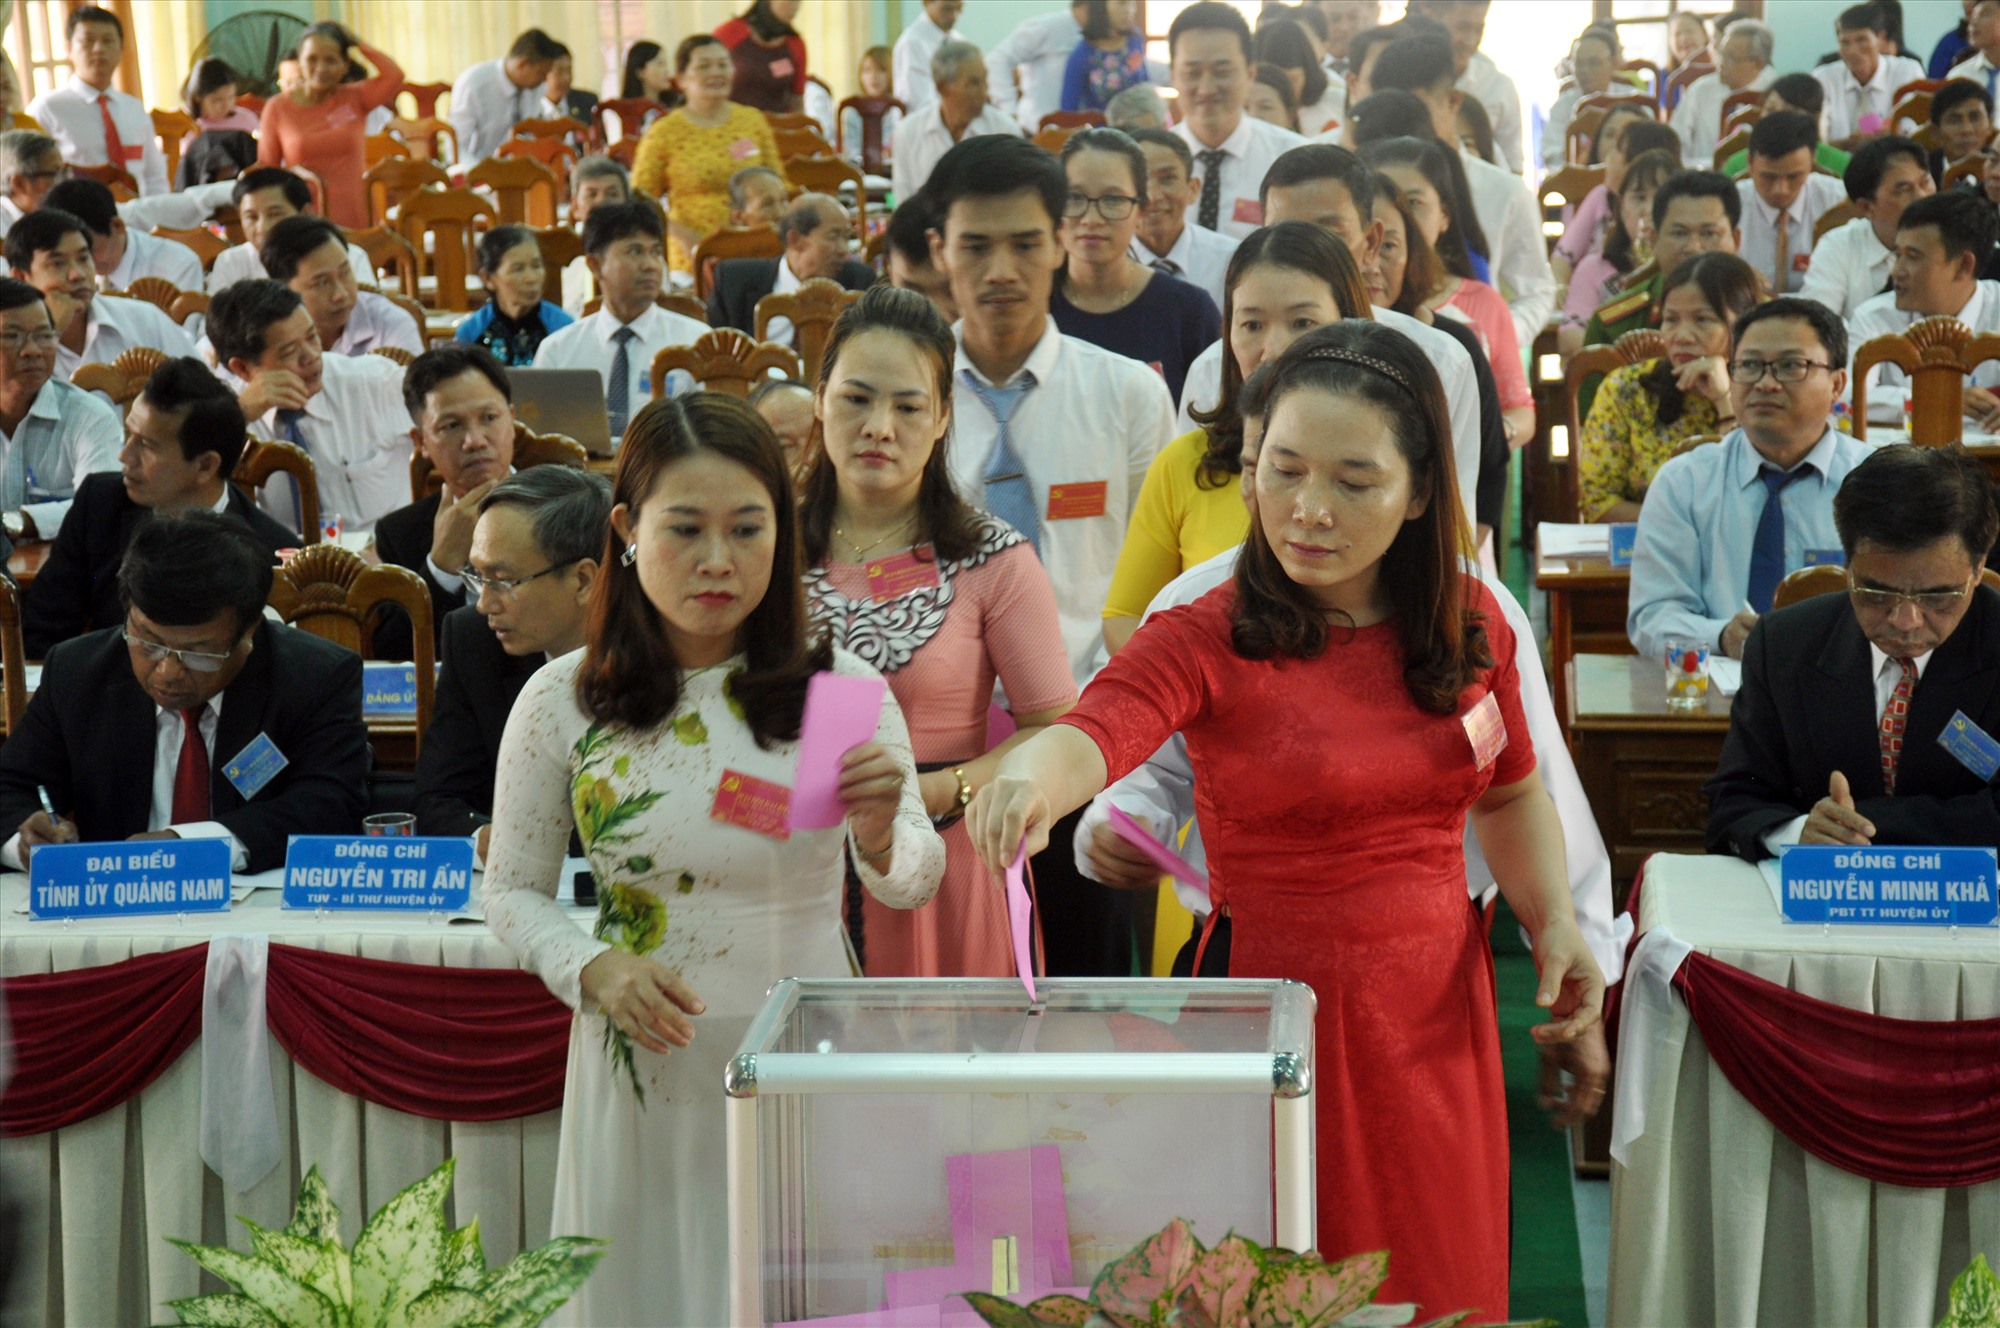 Đầu tháng 3.2020, Huyện ủy Núi Thành chọn Đảng bộ xã Tam Xuân 2 tổ chức đại hội trước để rút kinh nghiệm chỉ đạo đại hội trong toàn huyện. Ảnh: N.Đ